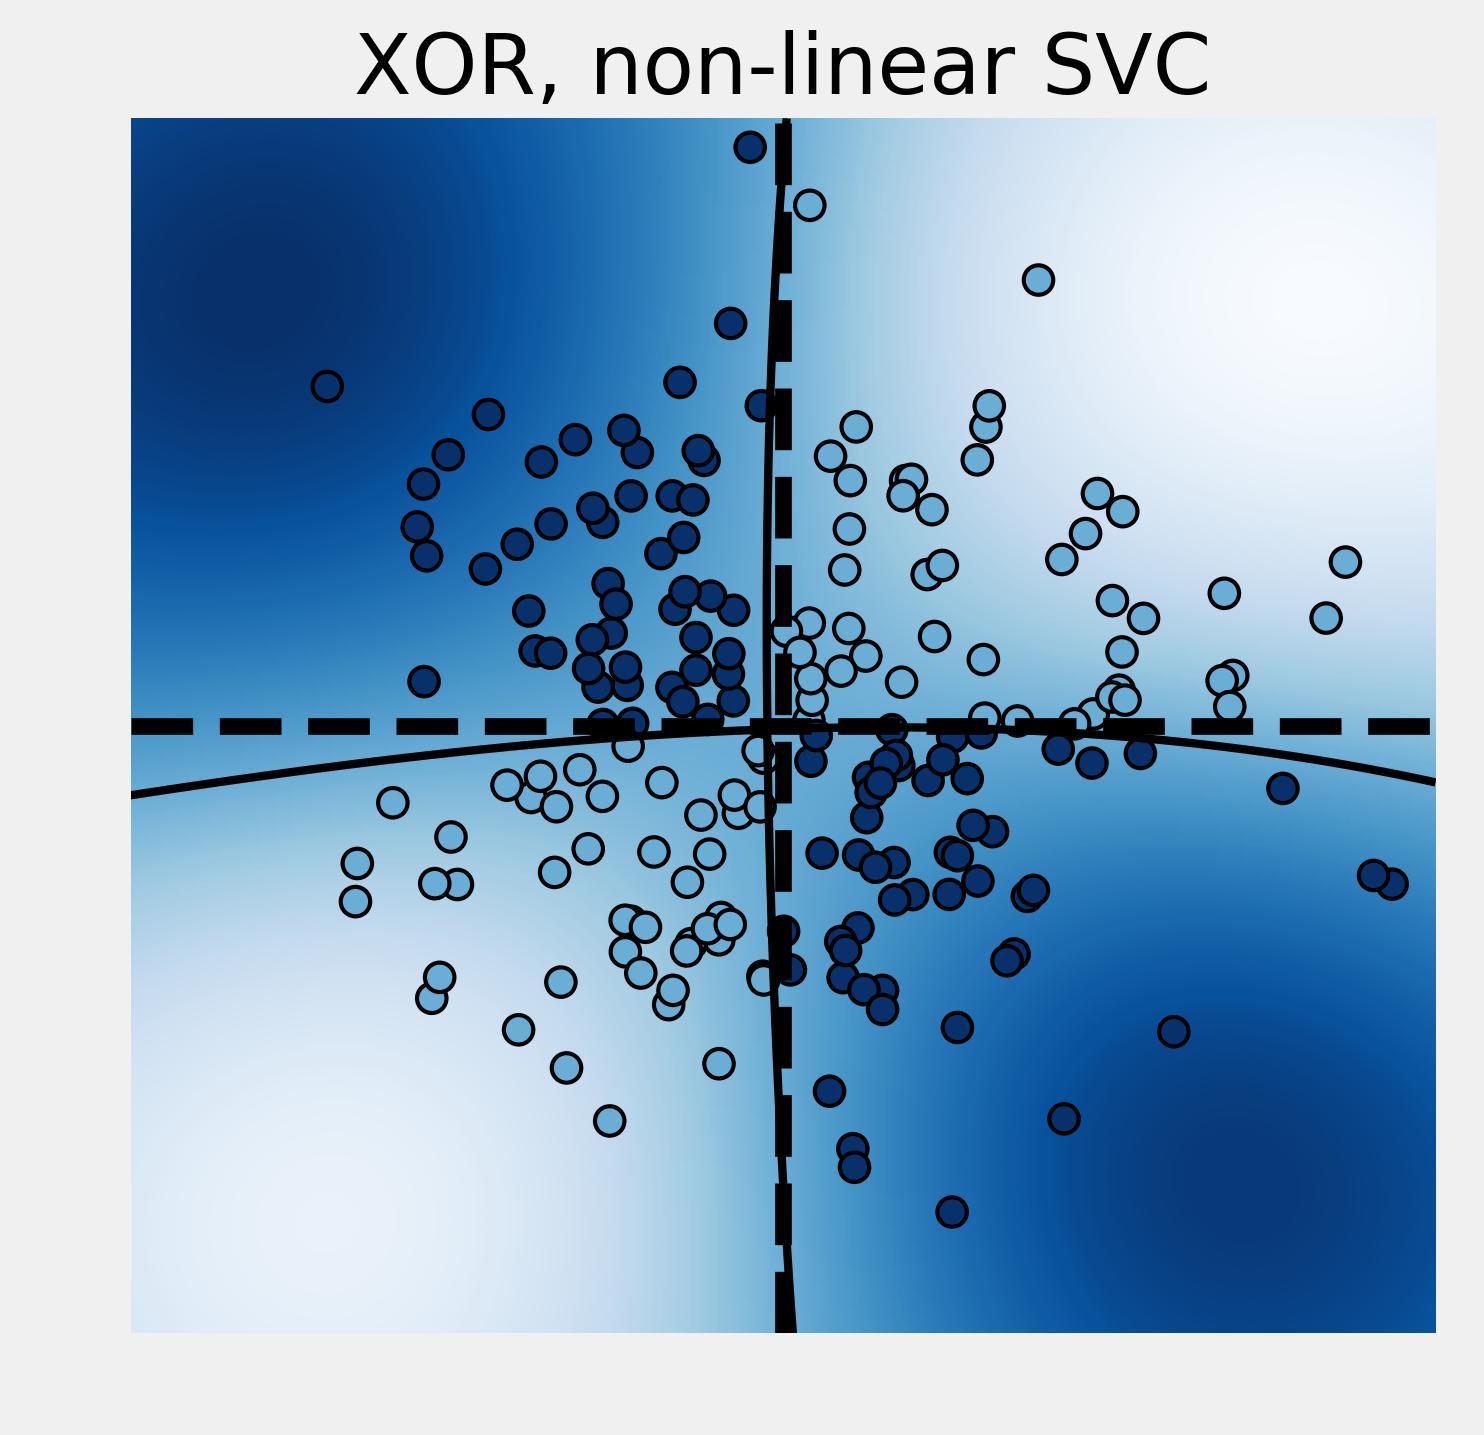 <matplotlib.figure.Figure at 0x5ad47f0>